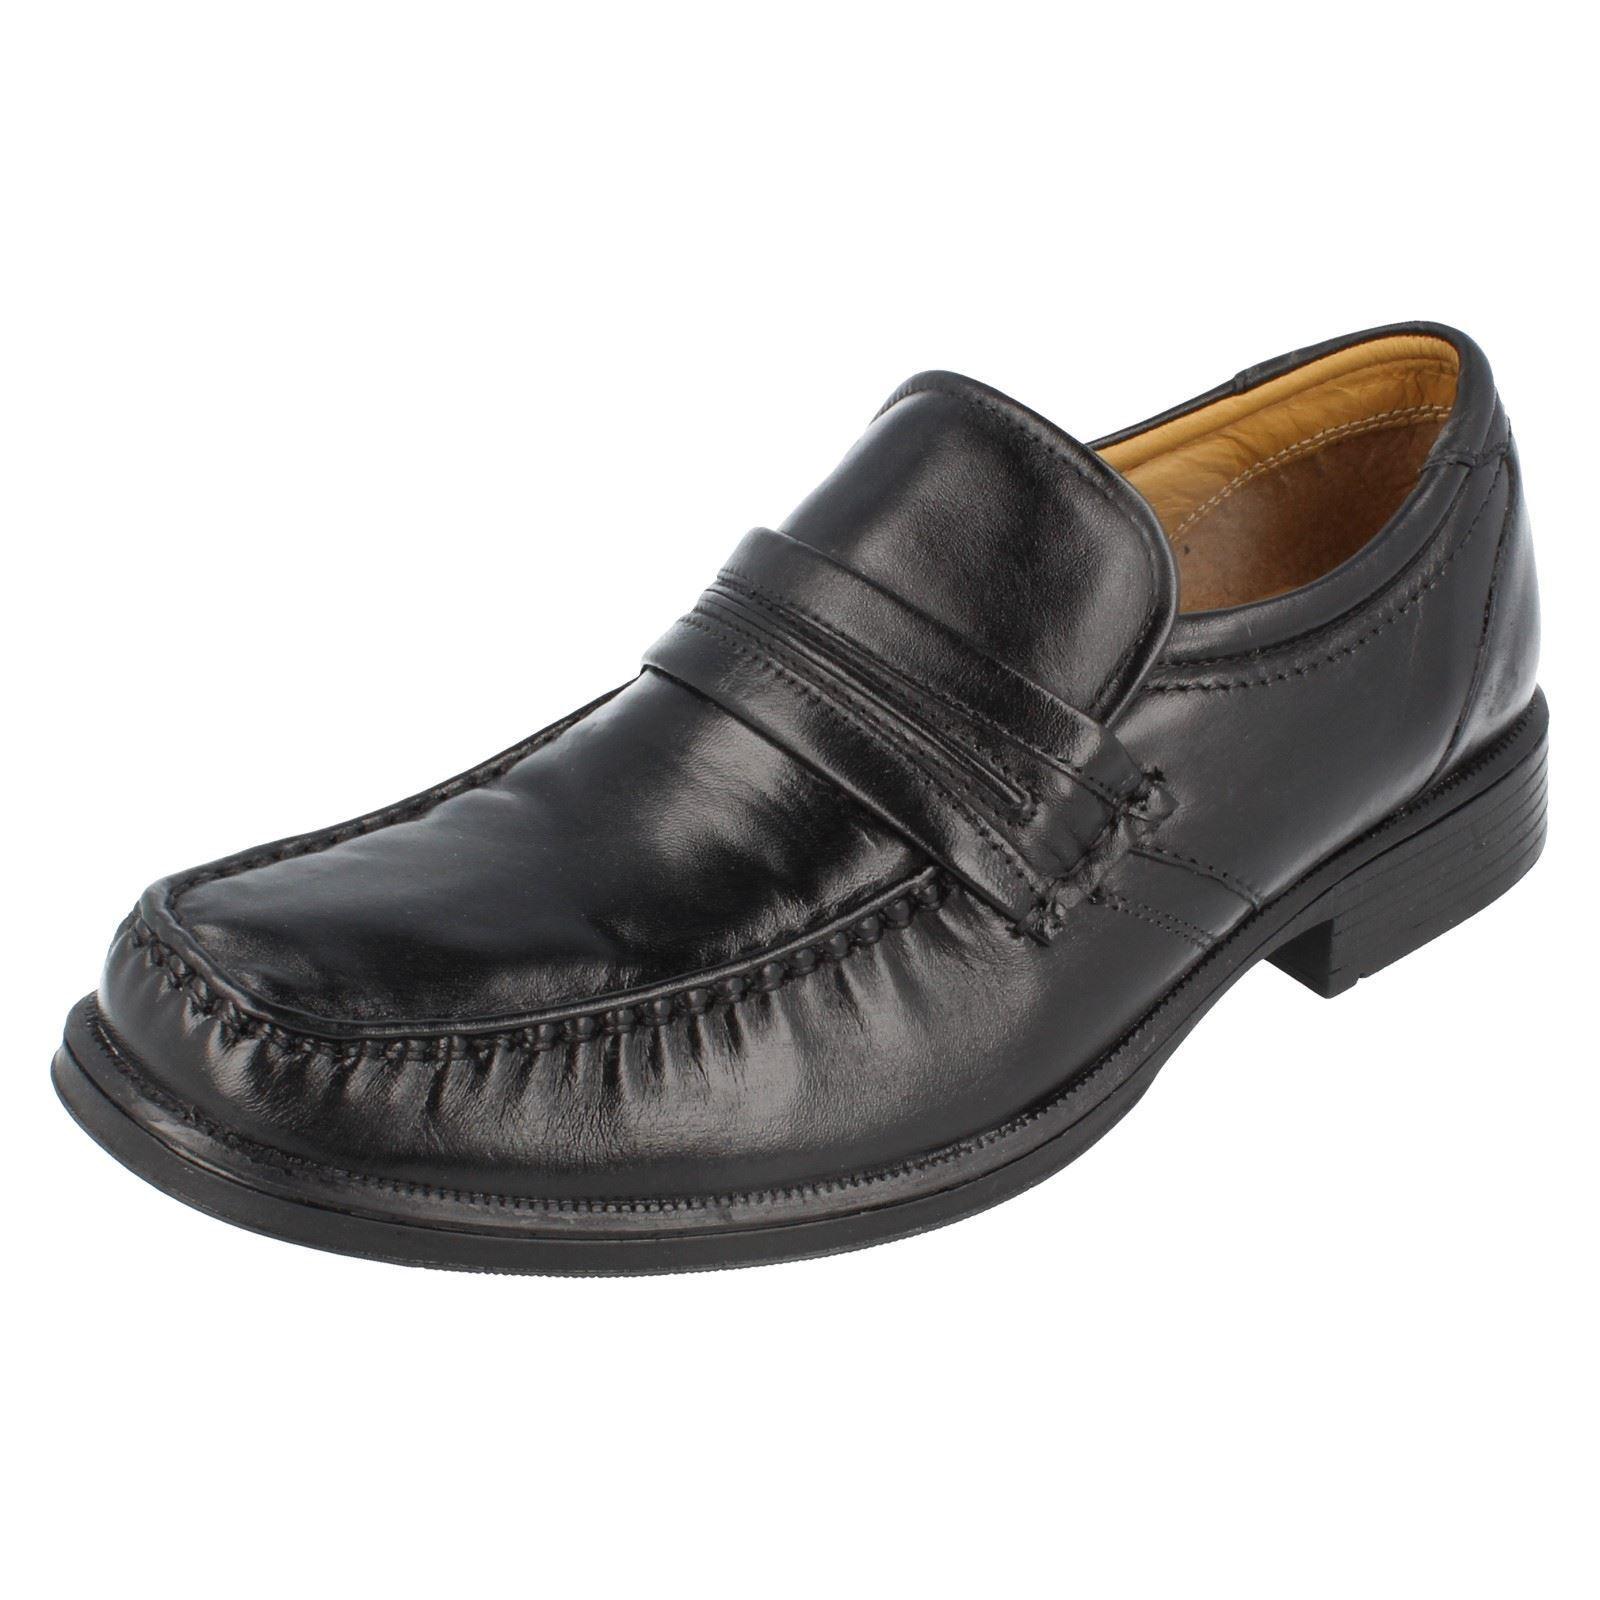 Clarks Hook Trabajo Para Hombre De Cuero Negro Sin Cordones De Zapato G montaje (R38B) (Kett)